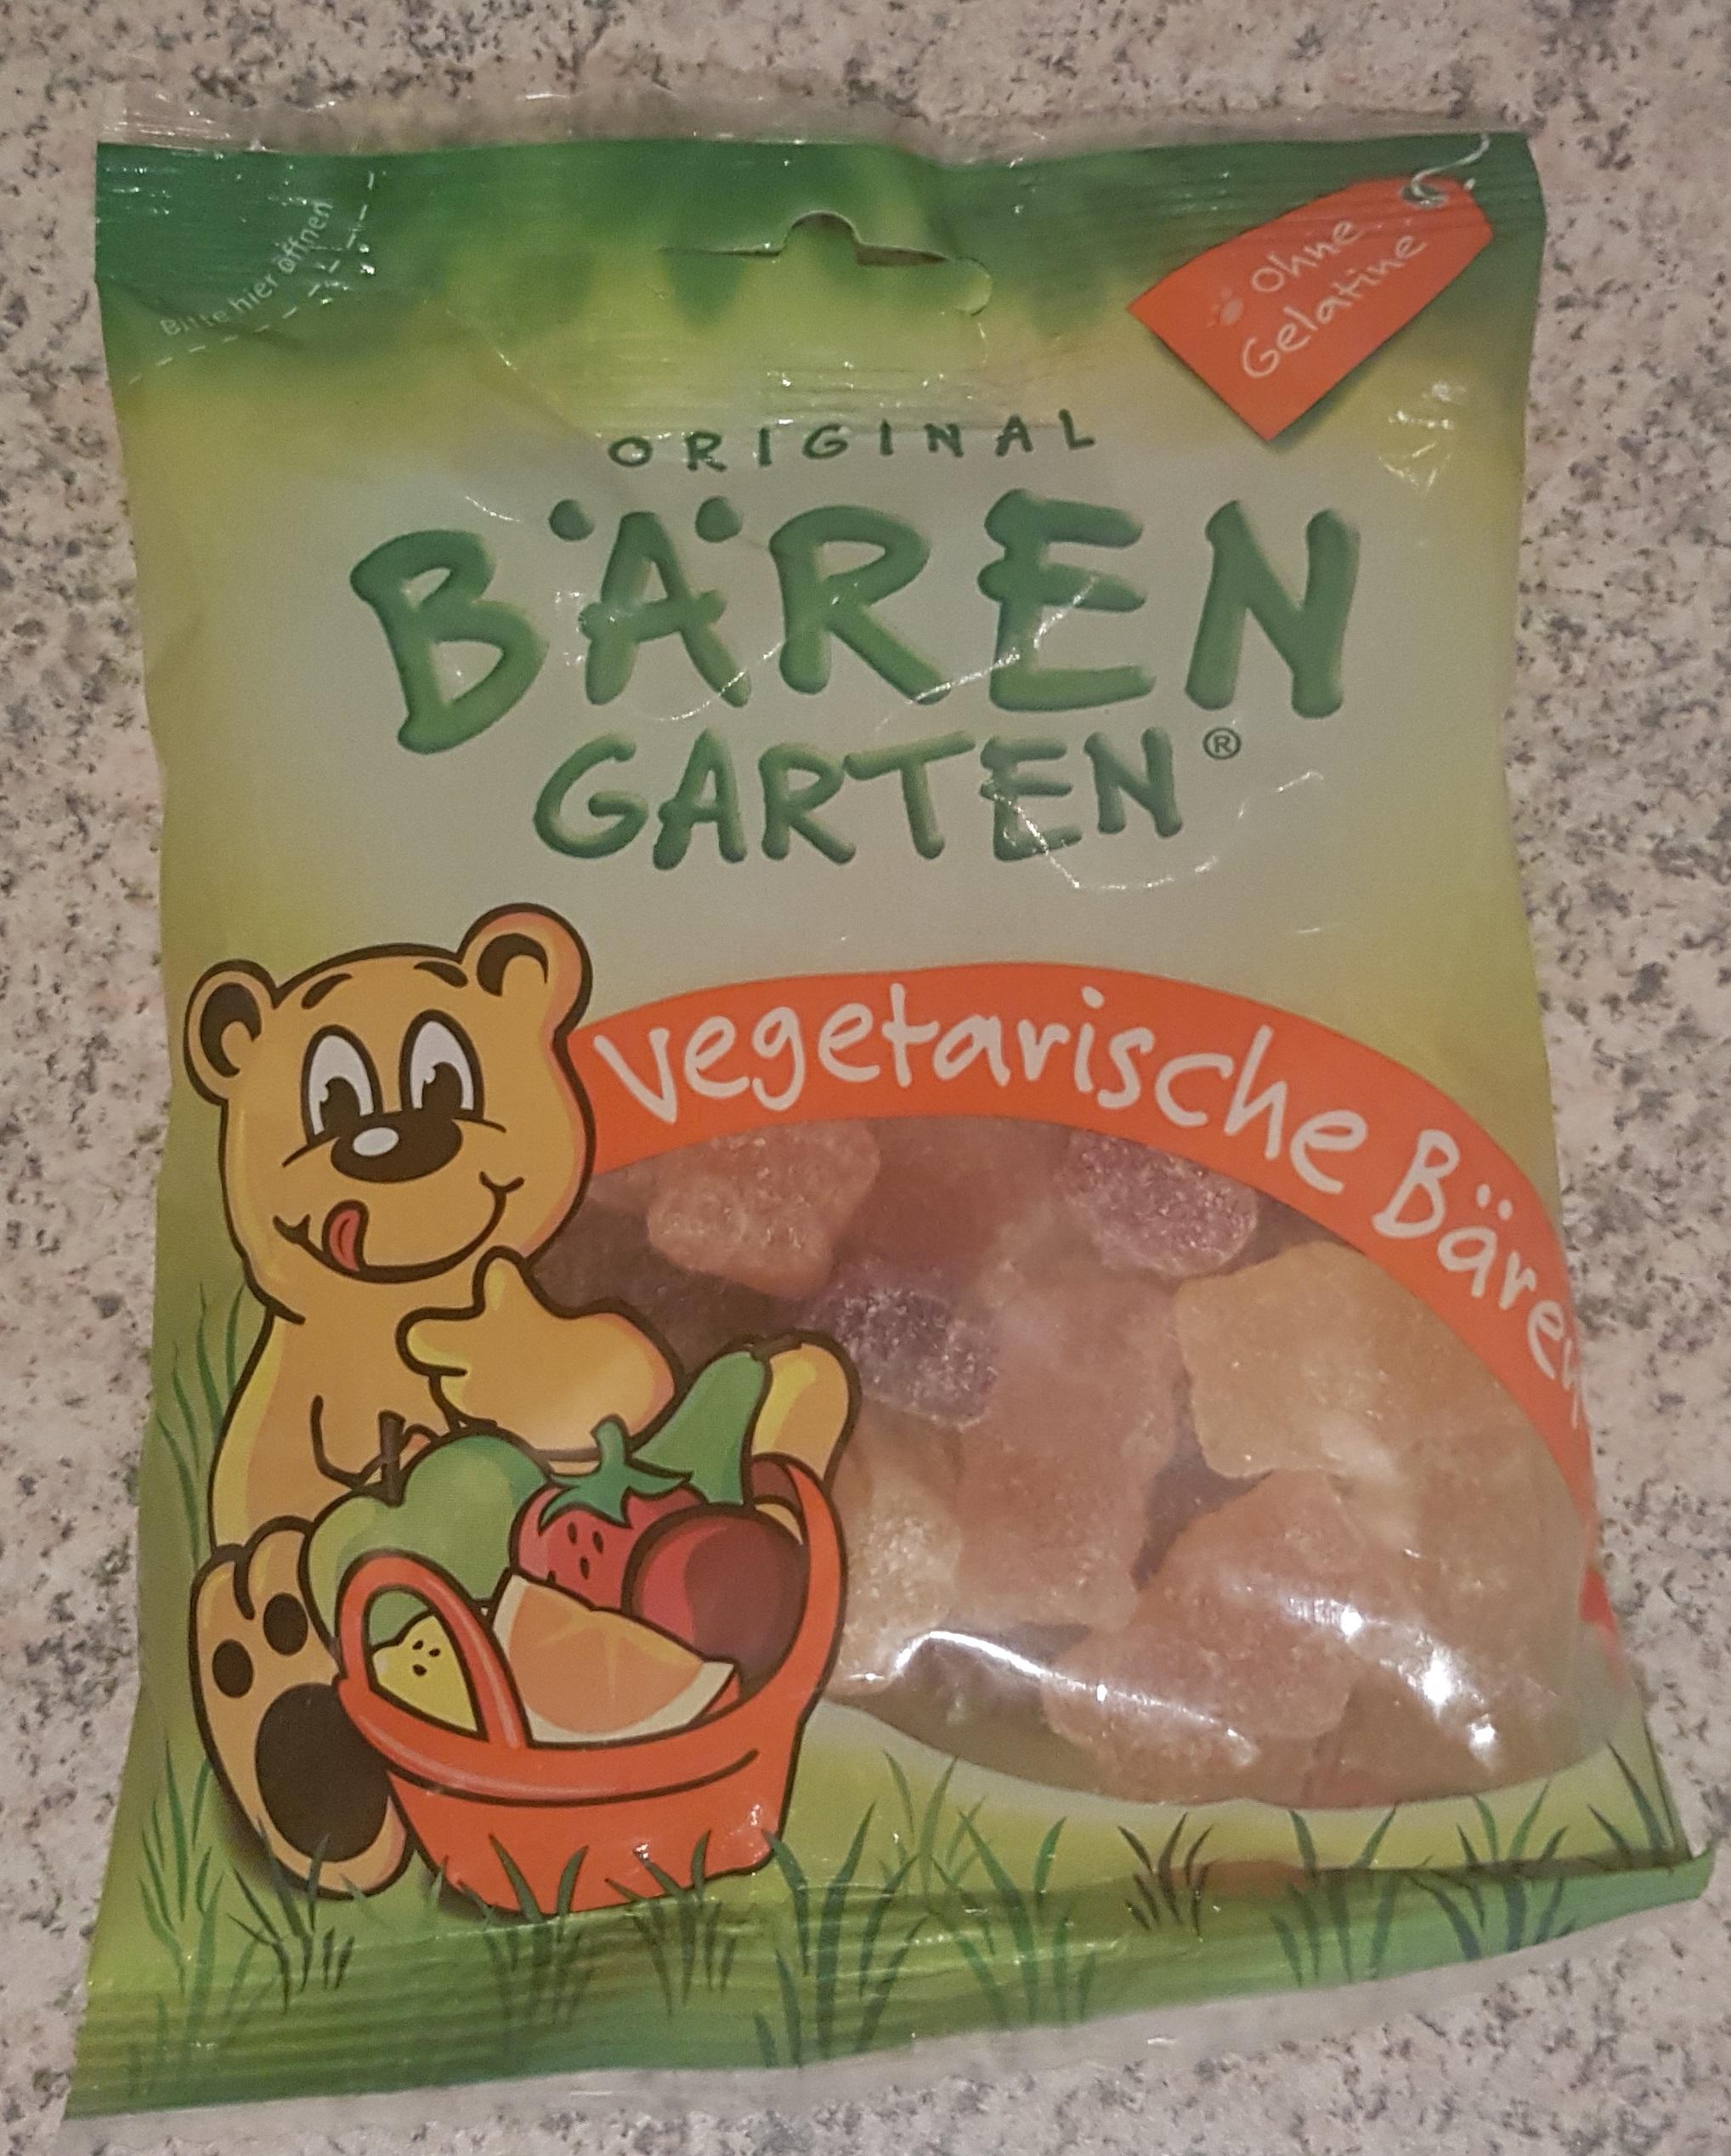 dr-c-soldan-original-baerengarten-vegetarische-baeren